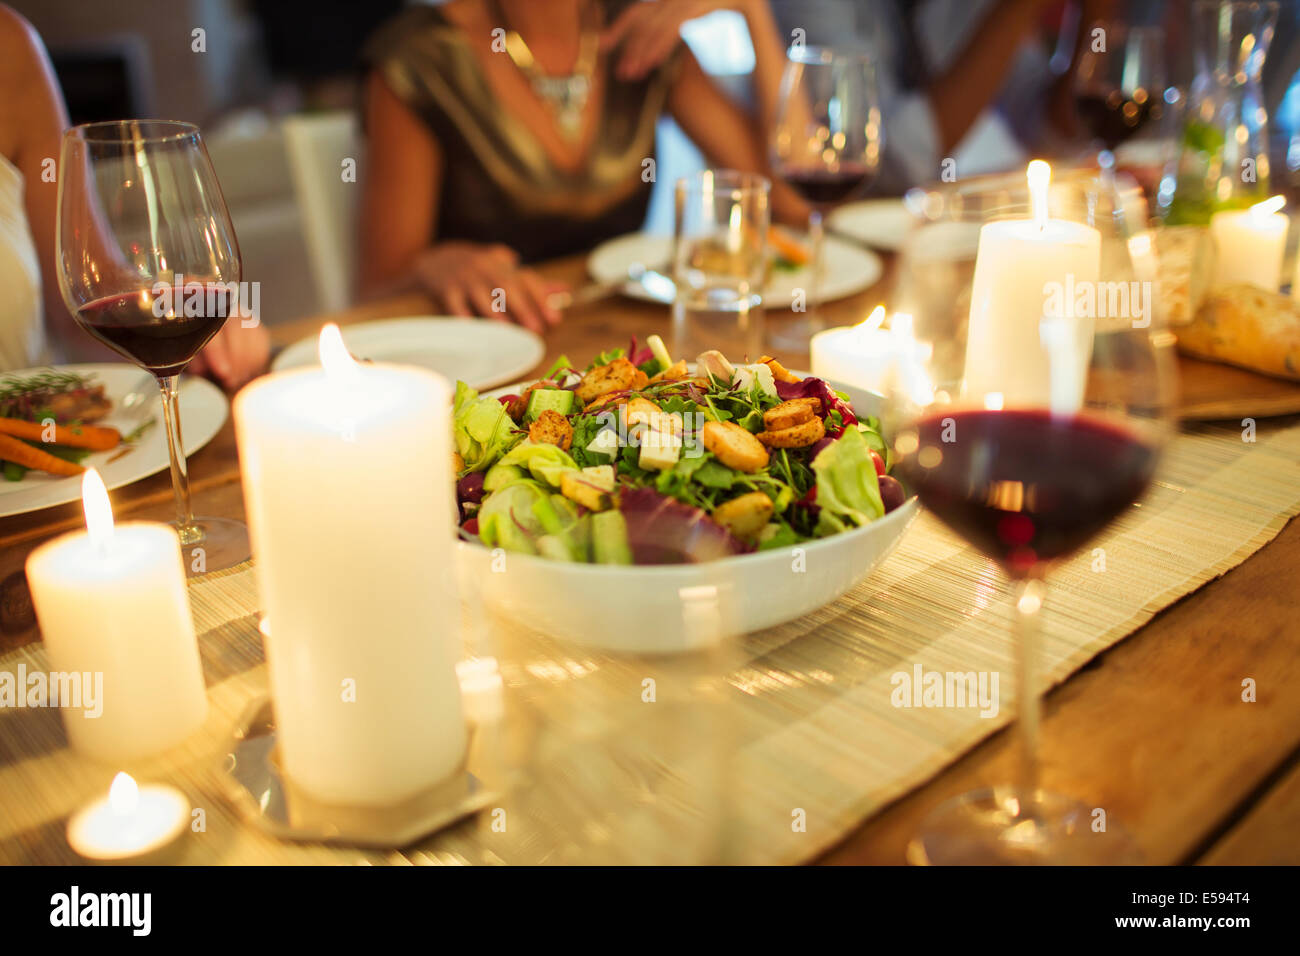 Saladier sur la table à dîner Photo Stock